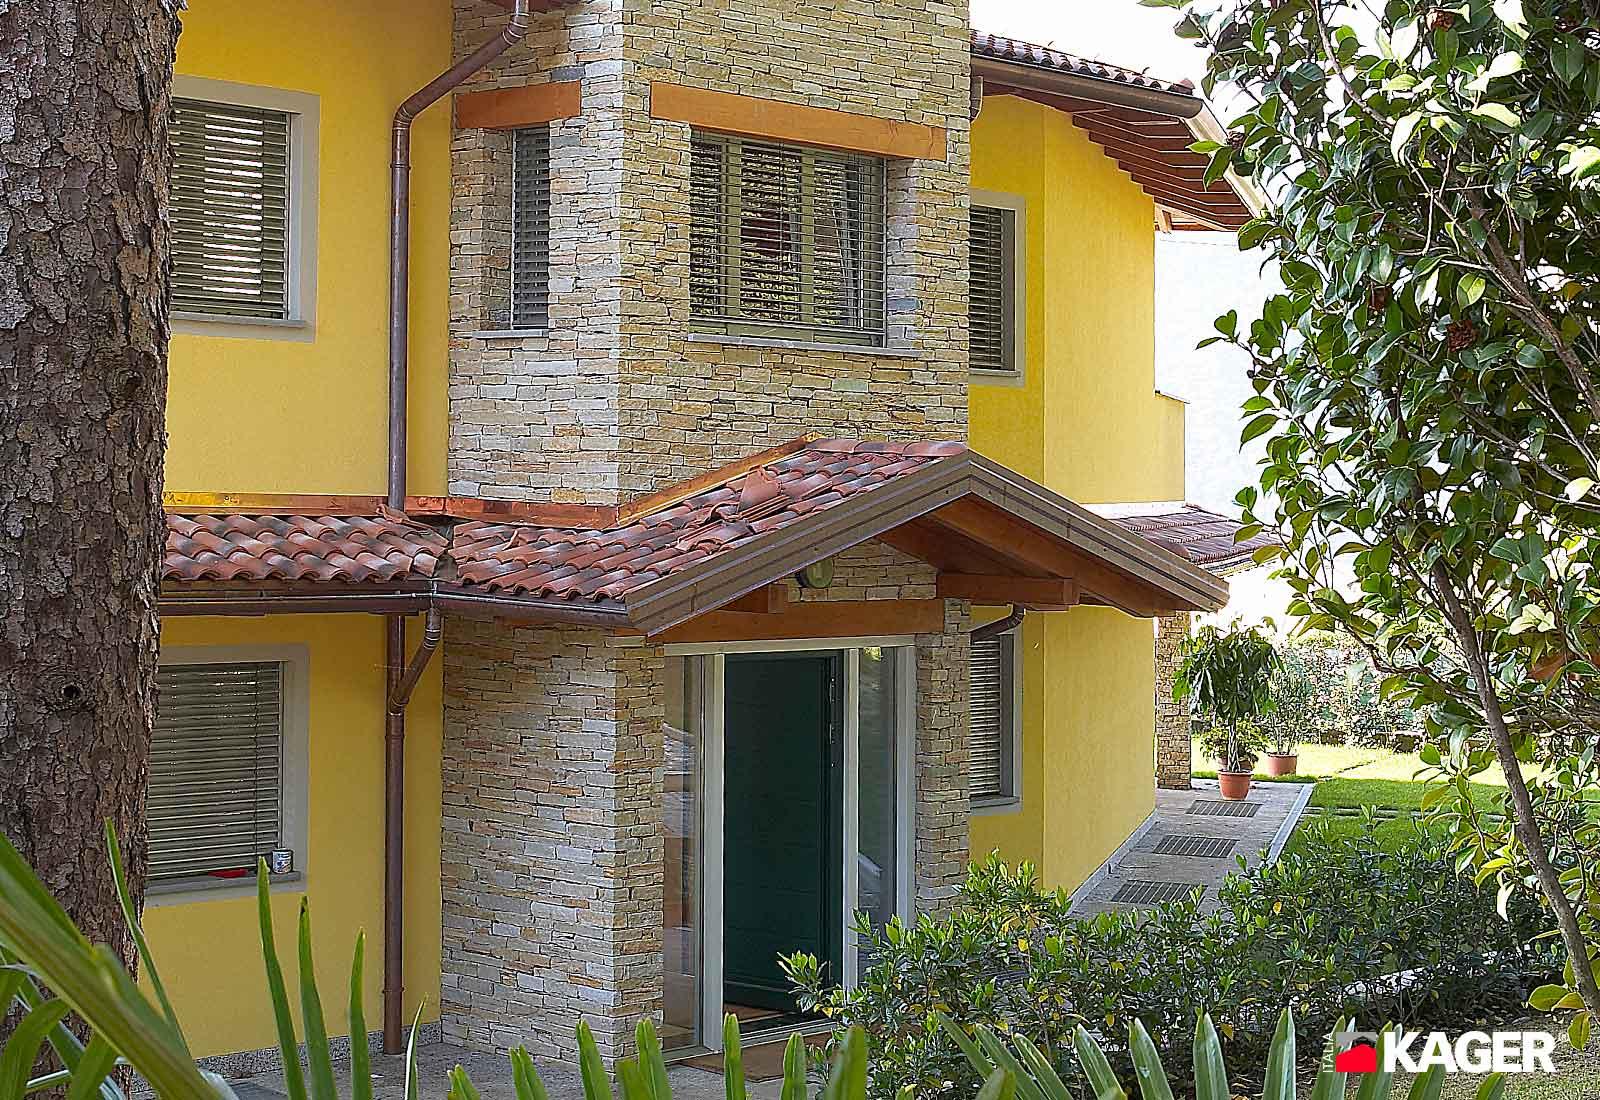 Casa-in-legno-Verbania-Kager-Italia-10